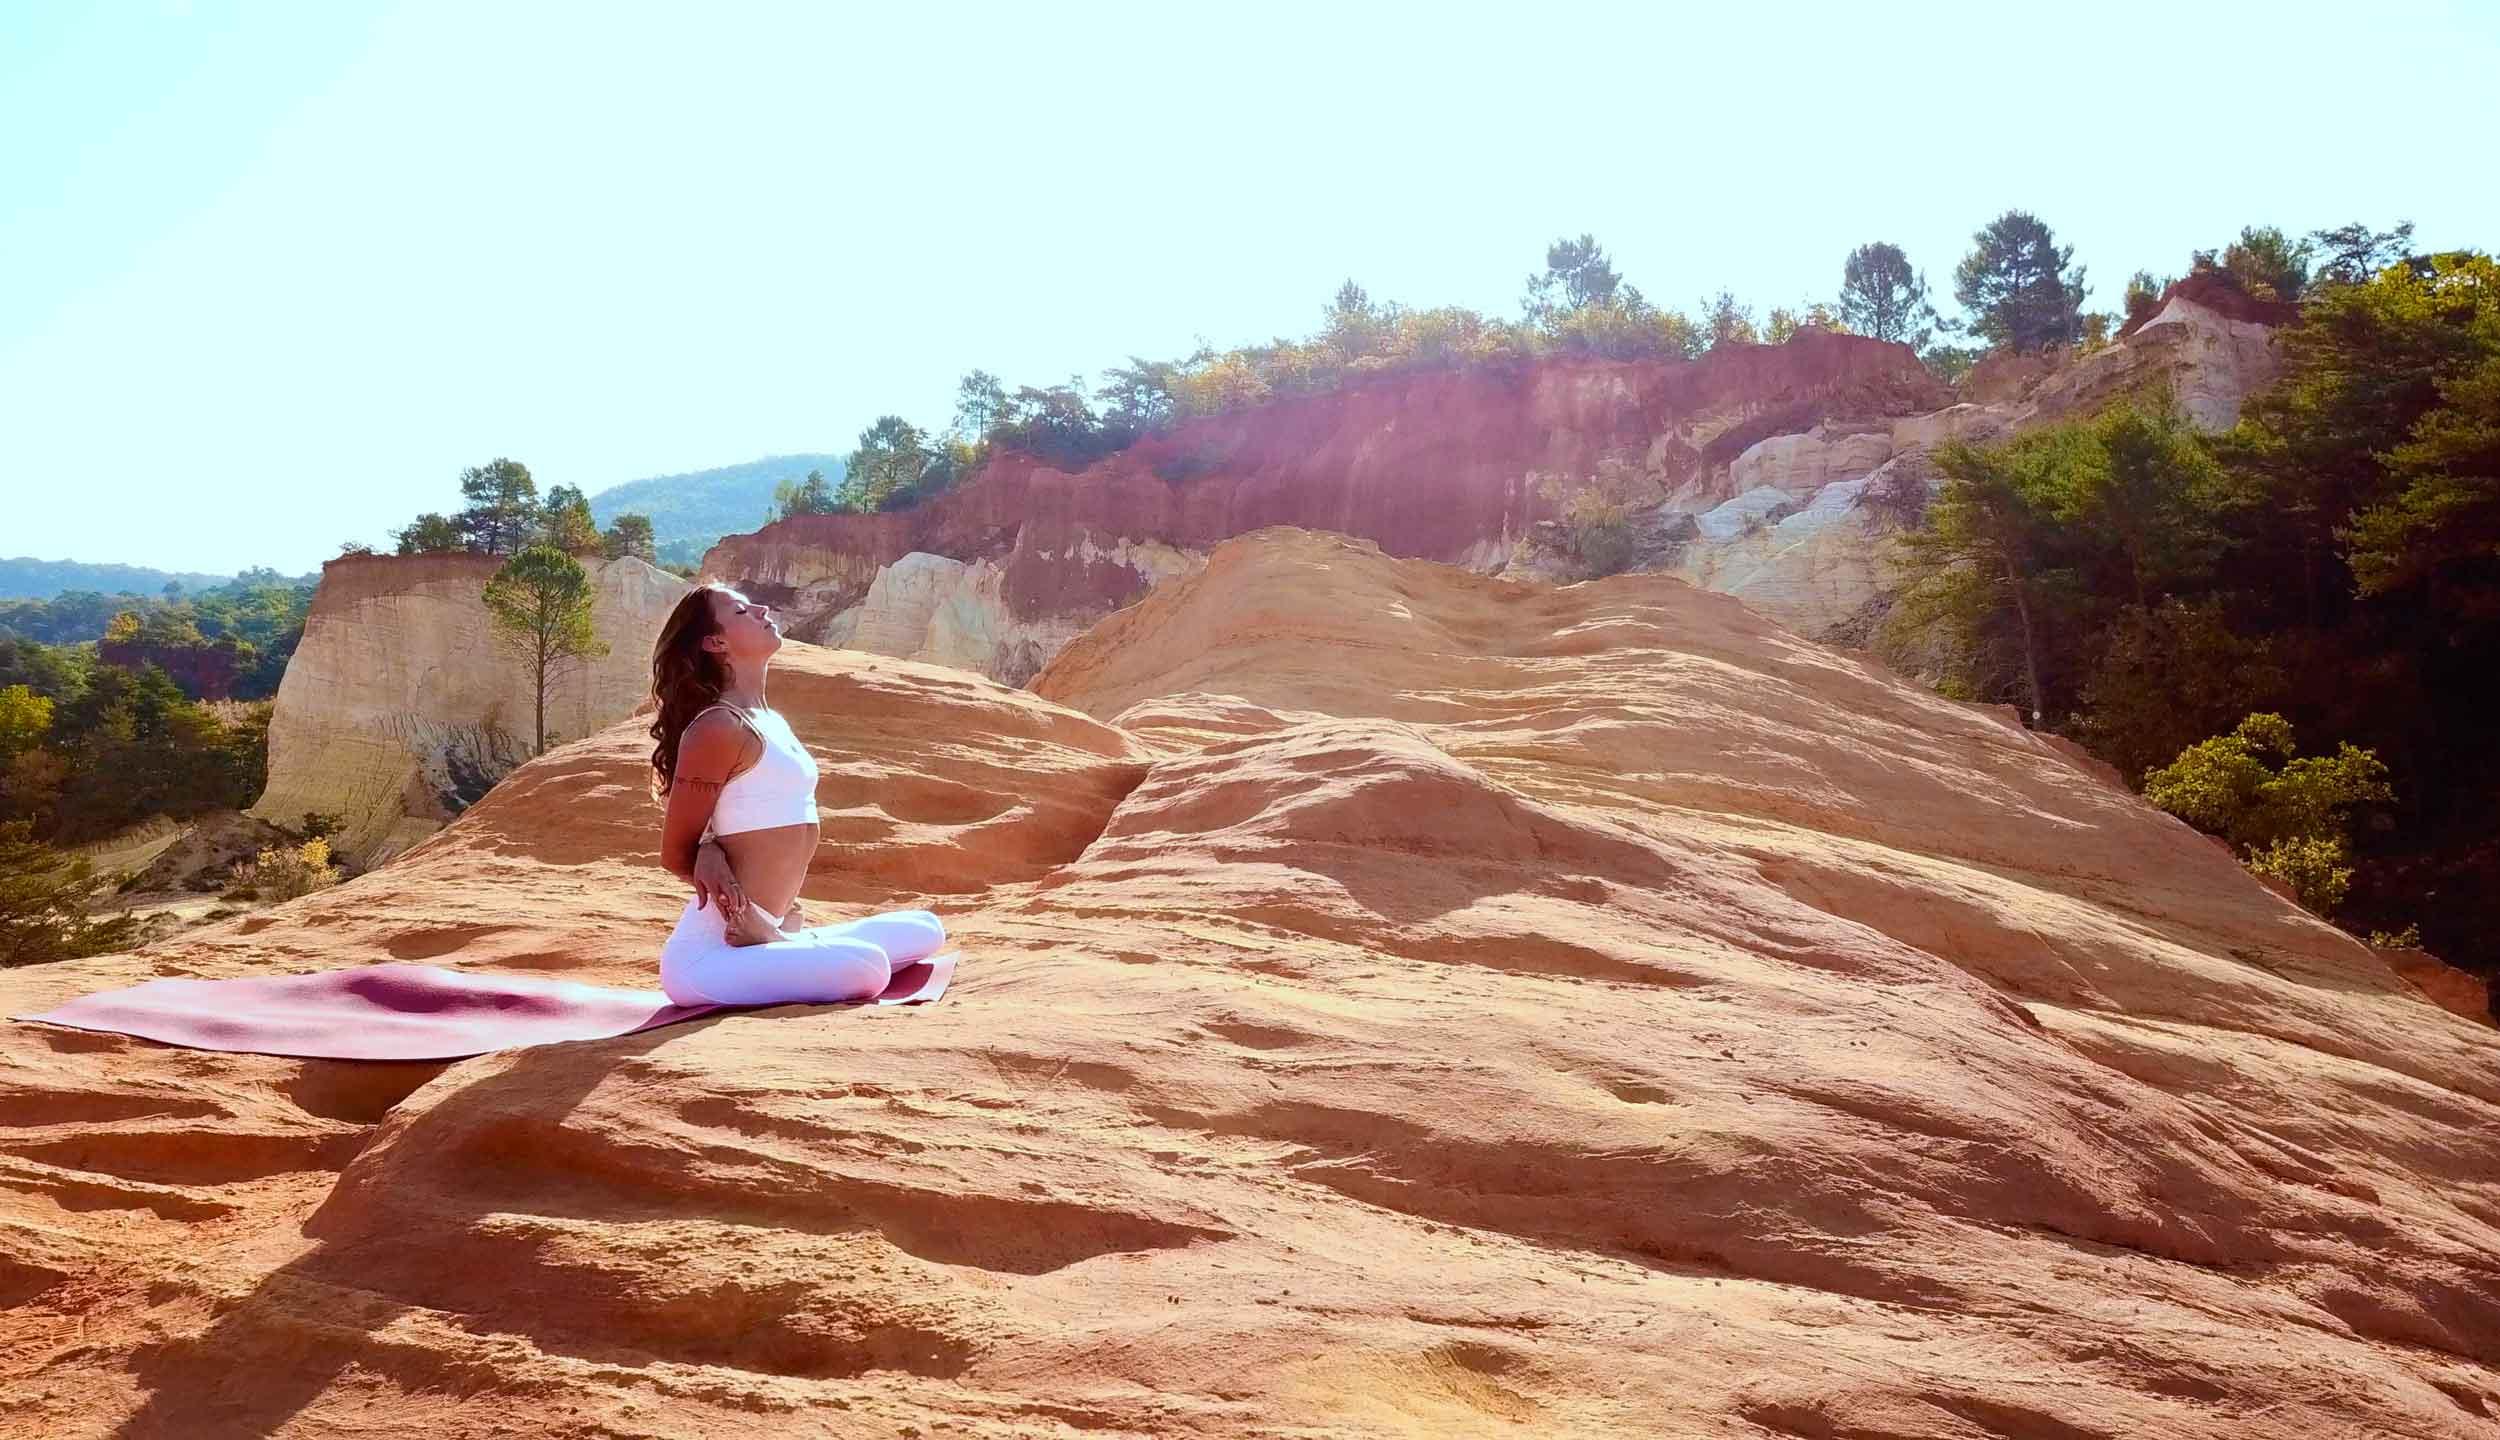 Lola-Yoga-Automne-2017-Colorado-10.jpg